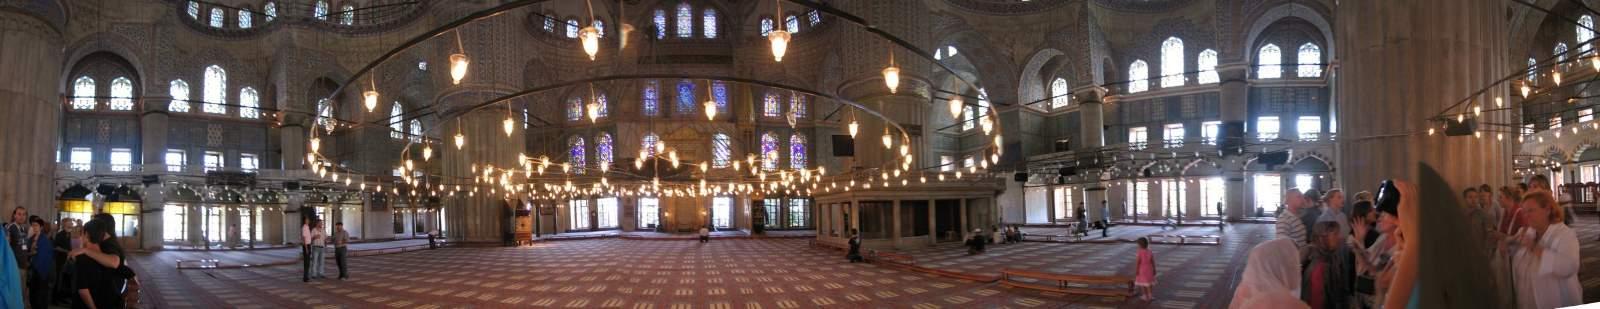 Blue Mosque interior panorama